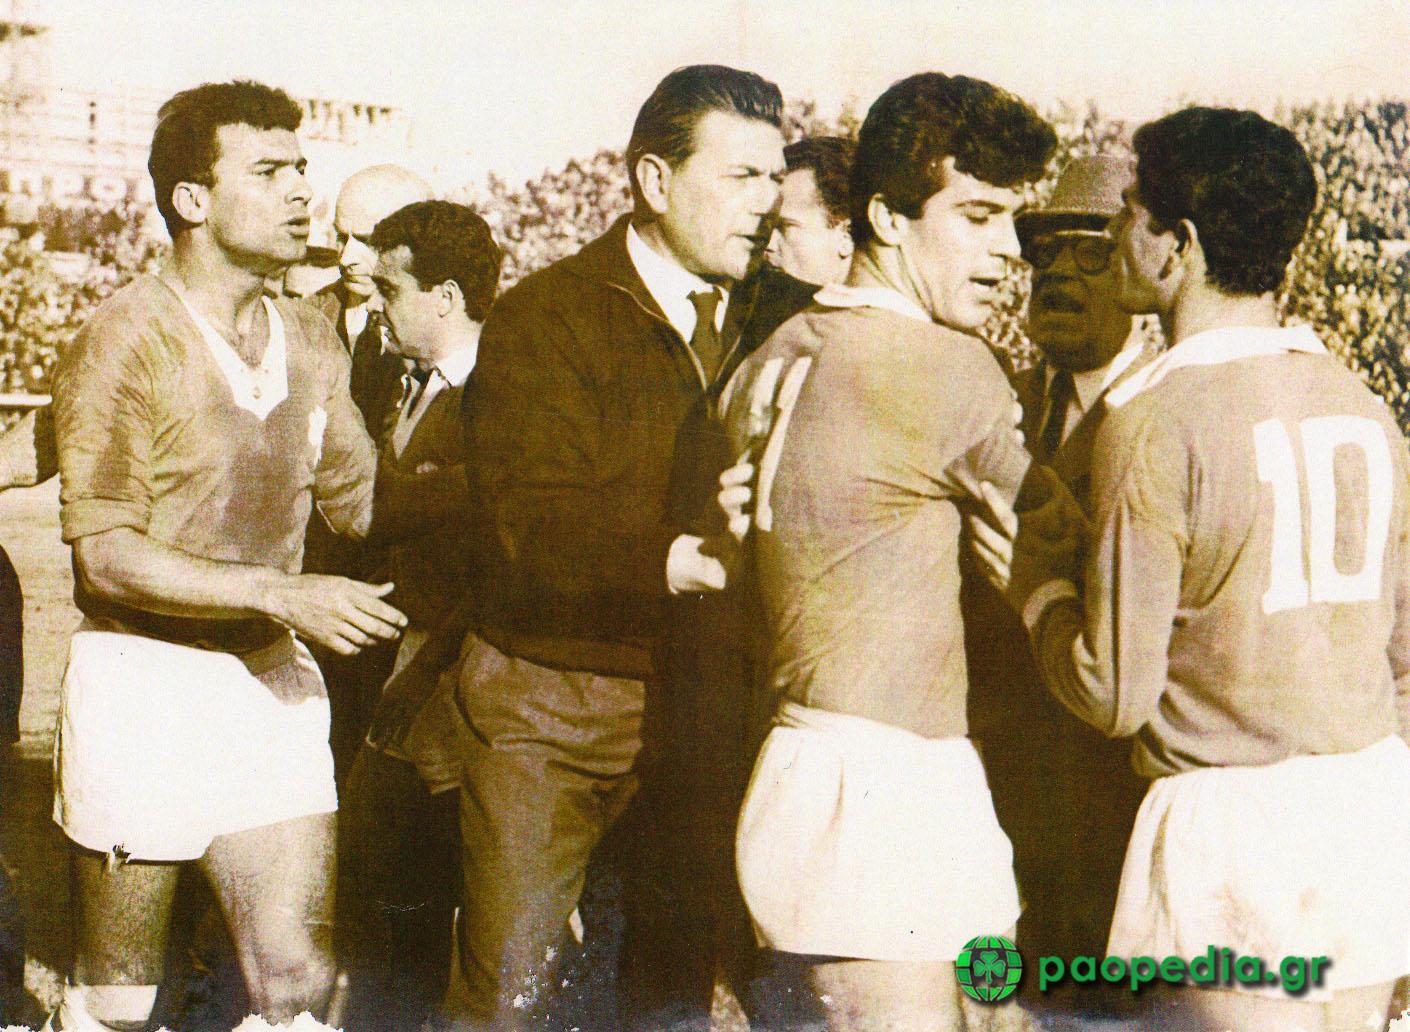 Ο Χάρι Γκέιμ, μαζί με ποδοσφαιριστές του Παναθηναϊκού (διακρίνονται οι Λινοξυλάκης, Πανάκης και Νεμπίδης) σε μία στιγμή έντασης στο γήπεδο της Λεωφόρου. Με το καπέλο και τα γυαλιά, ο Ανδρέας Βγενόπουλος.